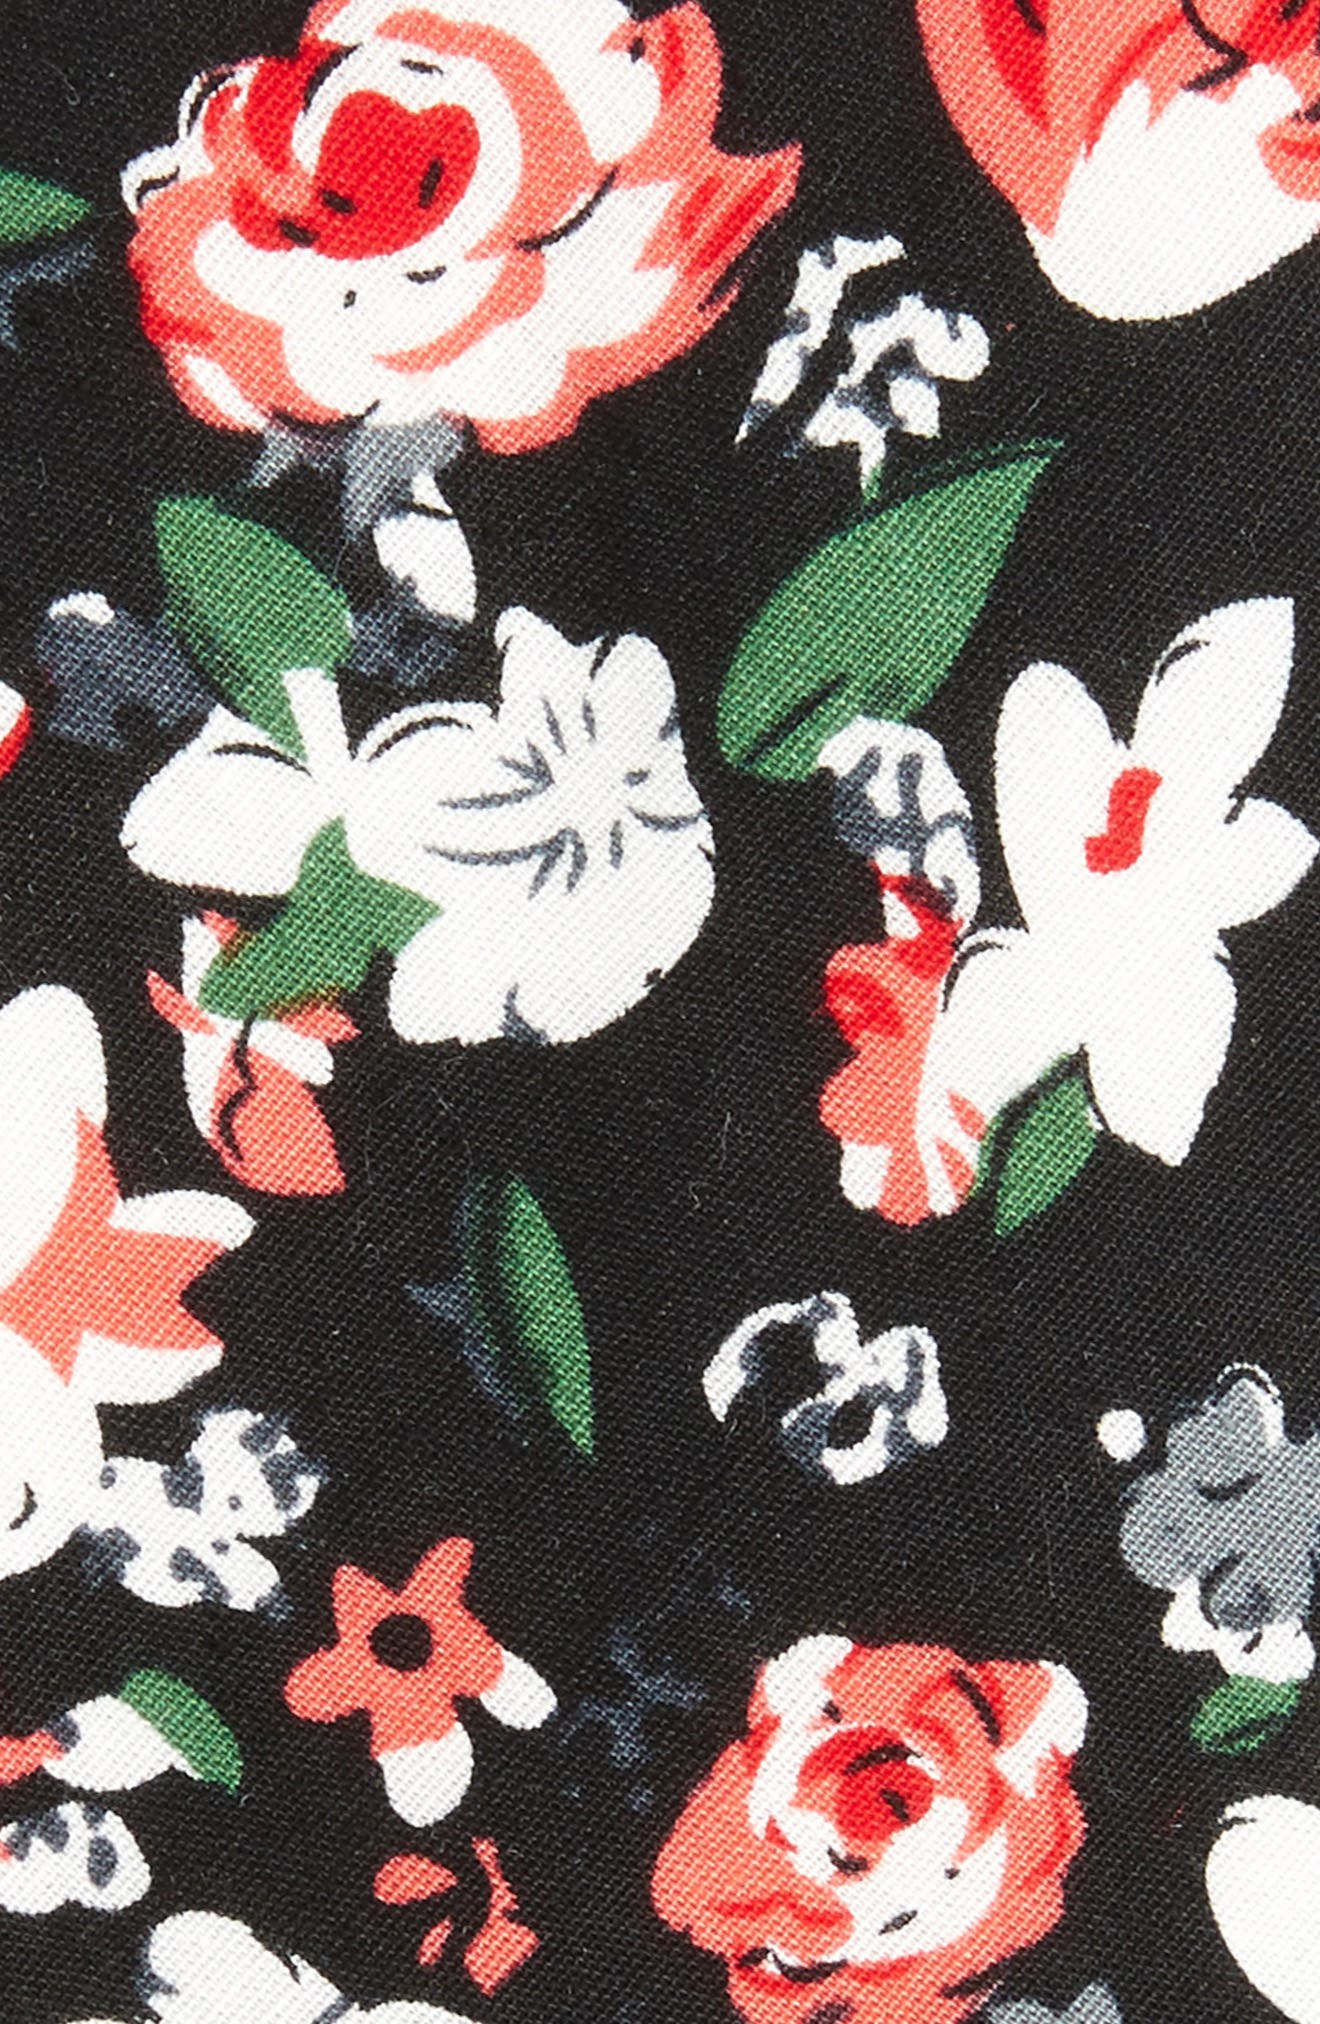 Oceana Floral Cotton Tie,                             Alternate thumbnail 2, color,